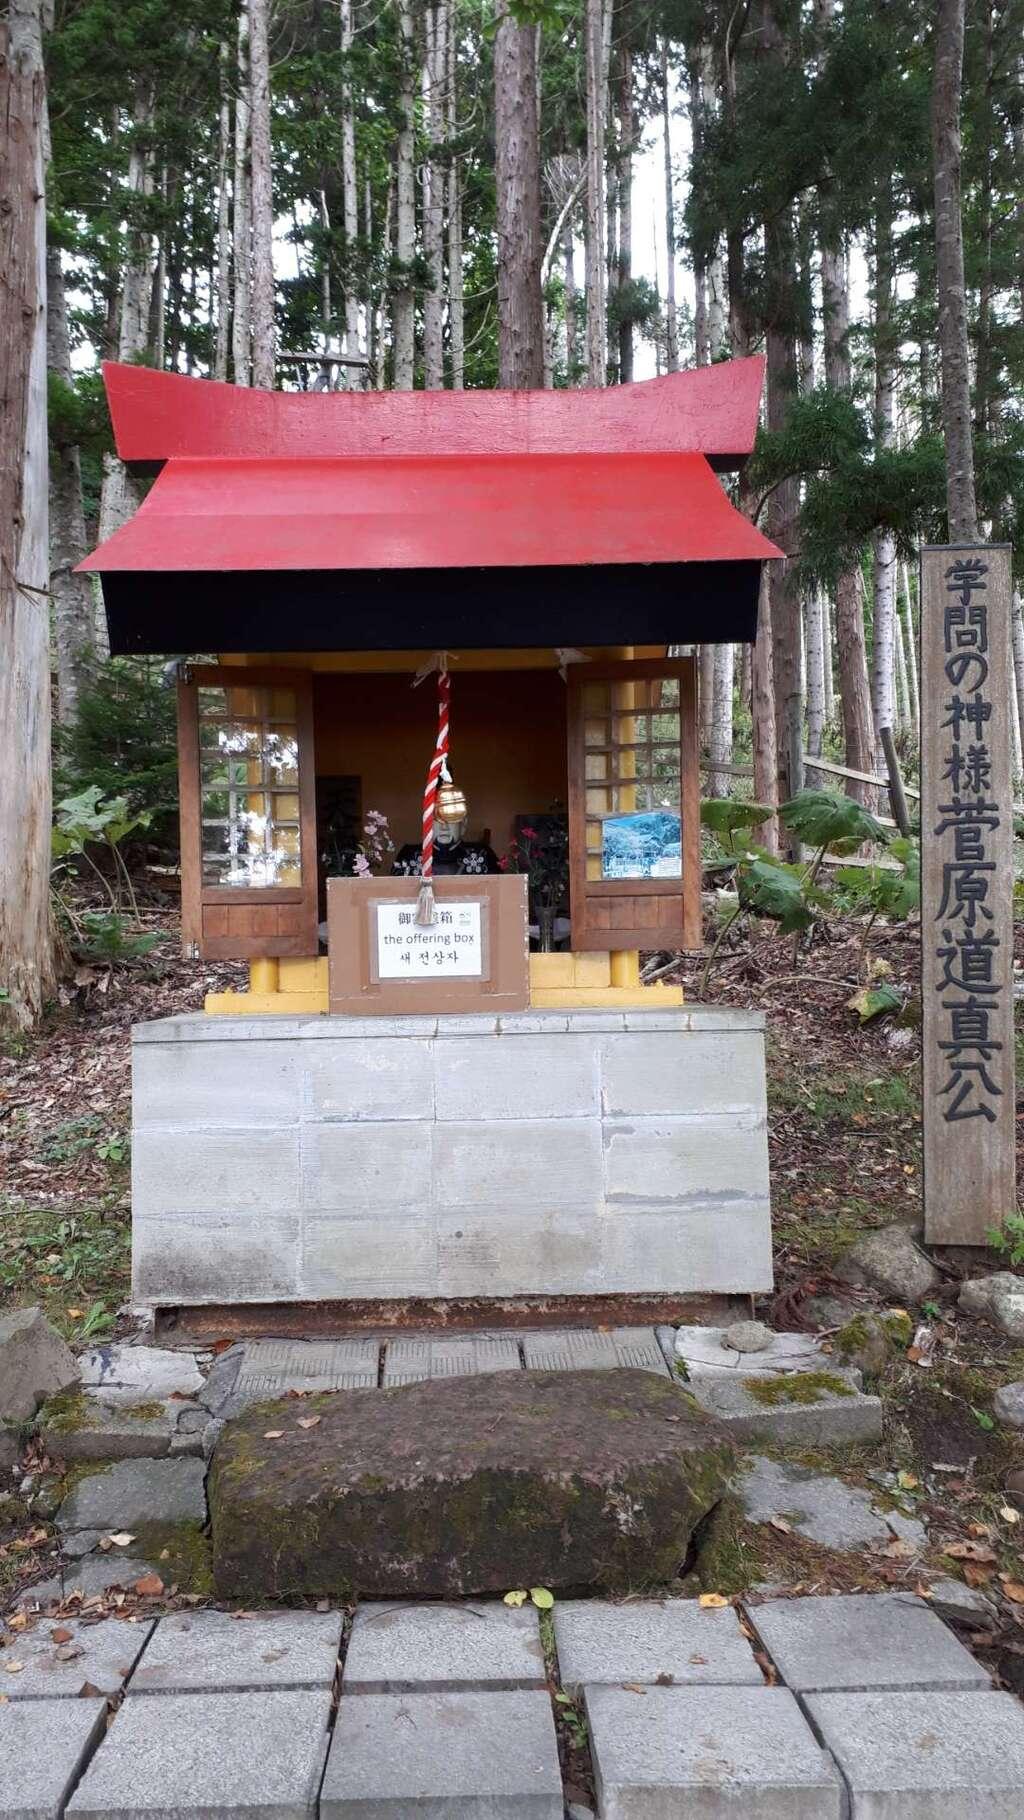 神社(洞爺湖中の島)(北海道)